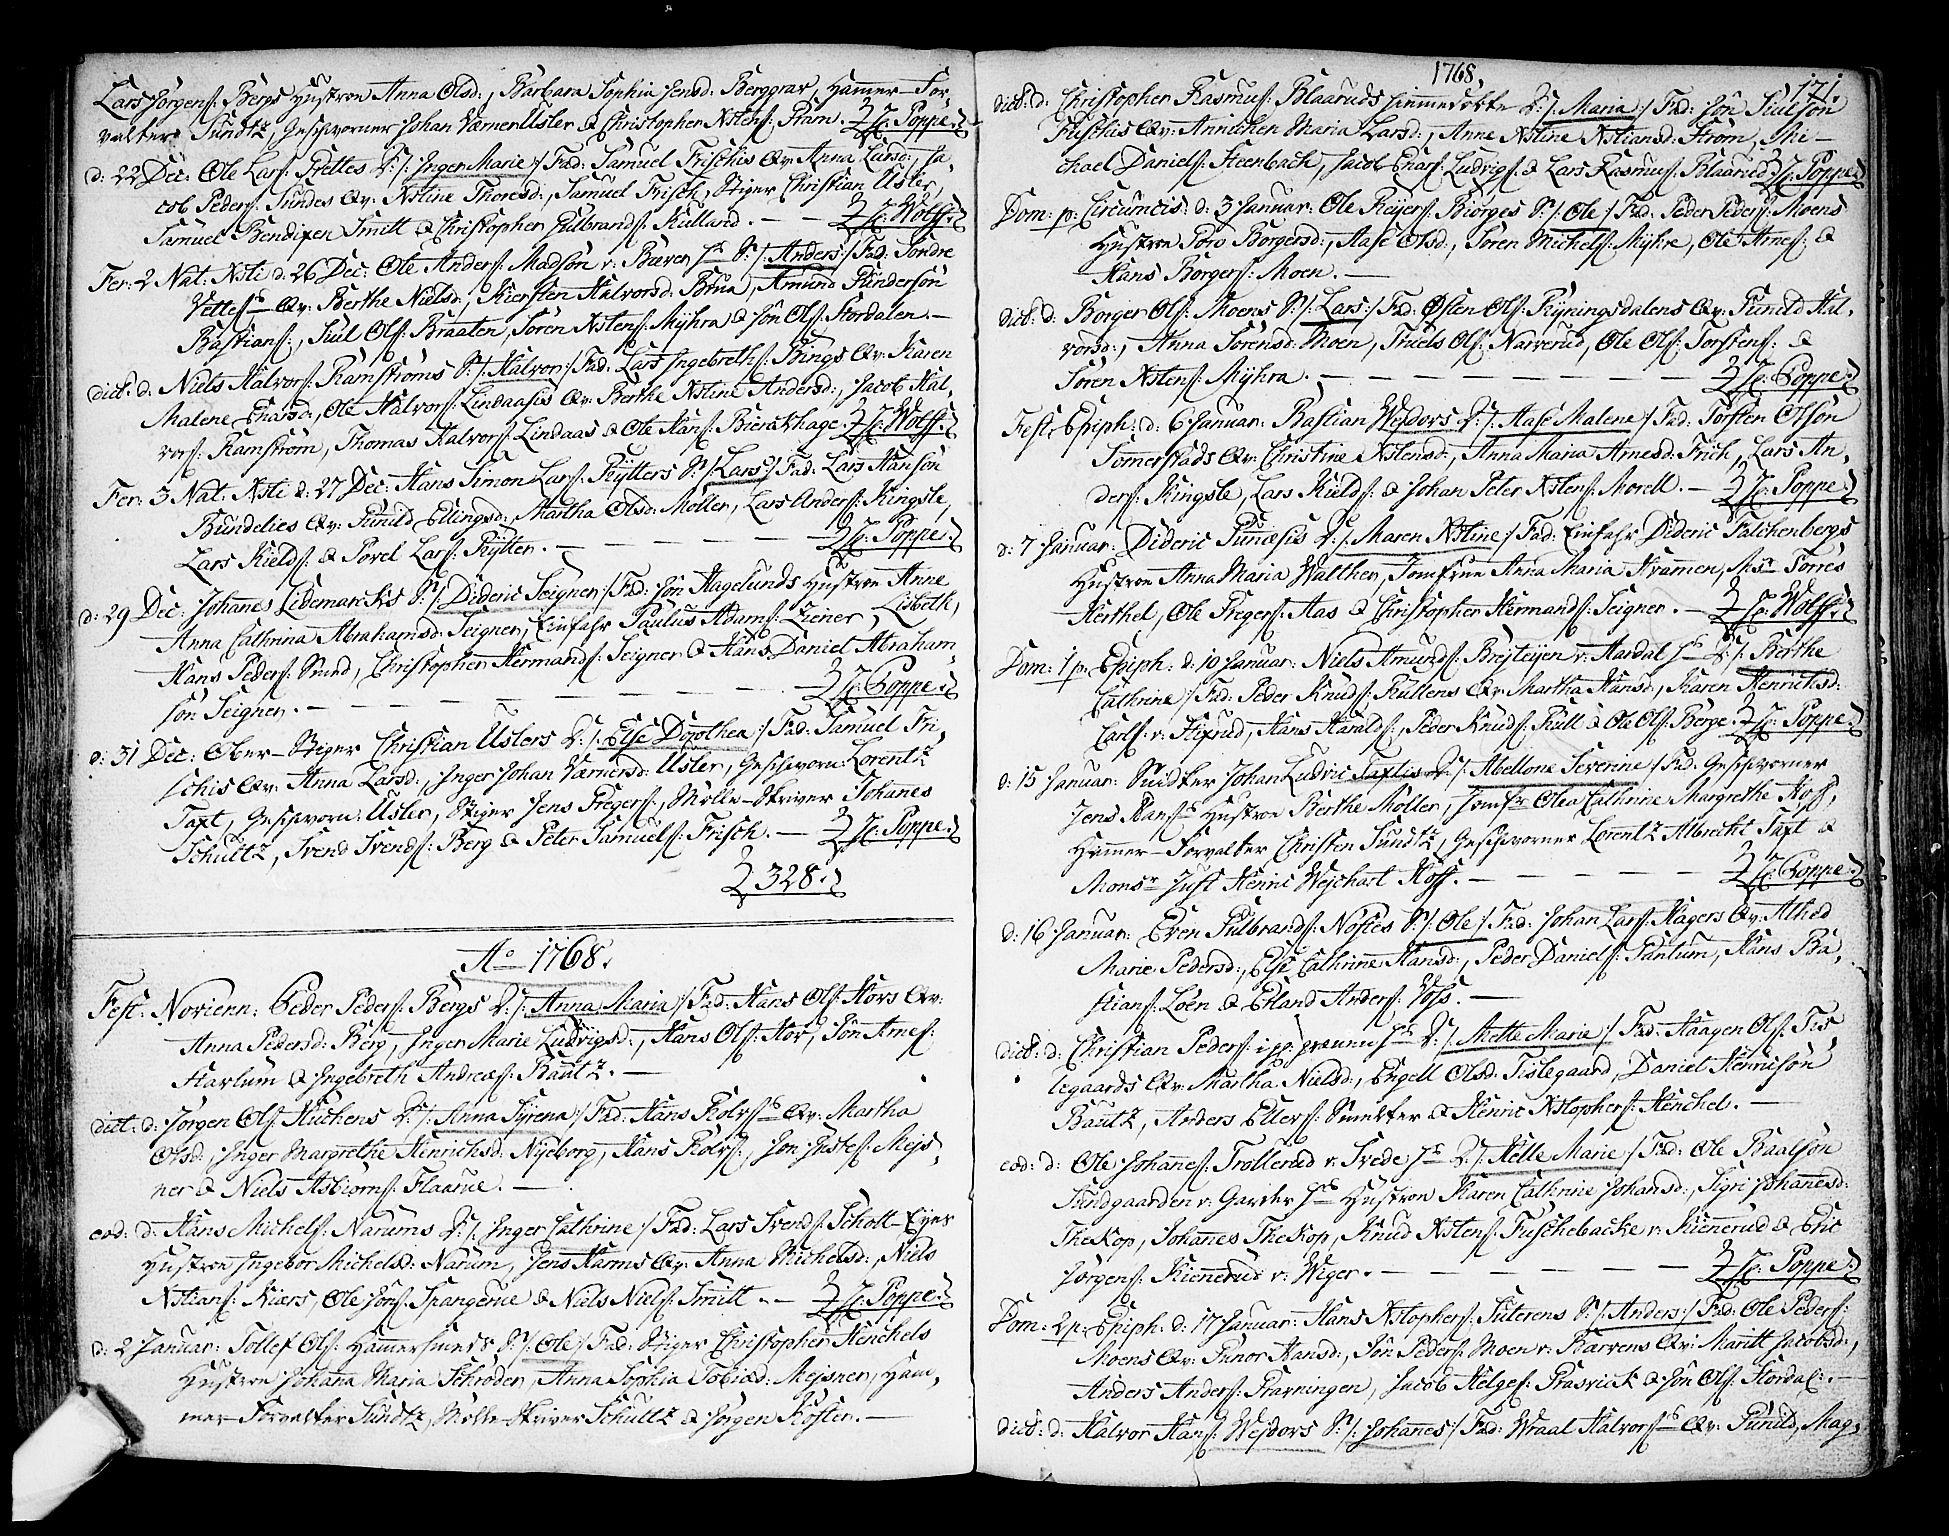 SAKO, Kongsberg kirkebøker, F/Fa/L0004: Ministerialbok nr. I 4, 1756-1768, s. 171